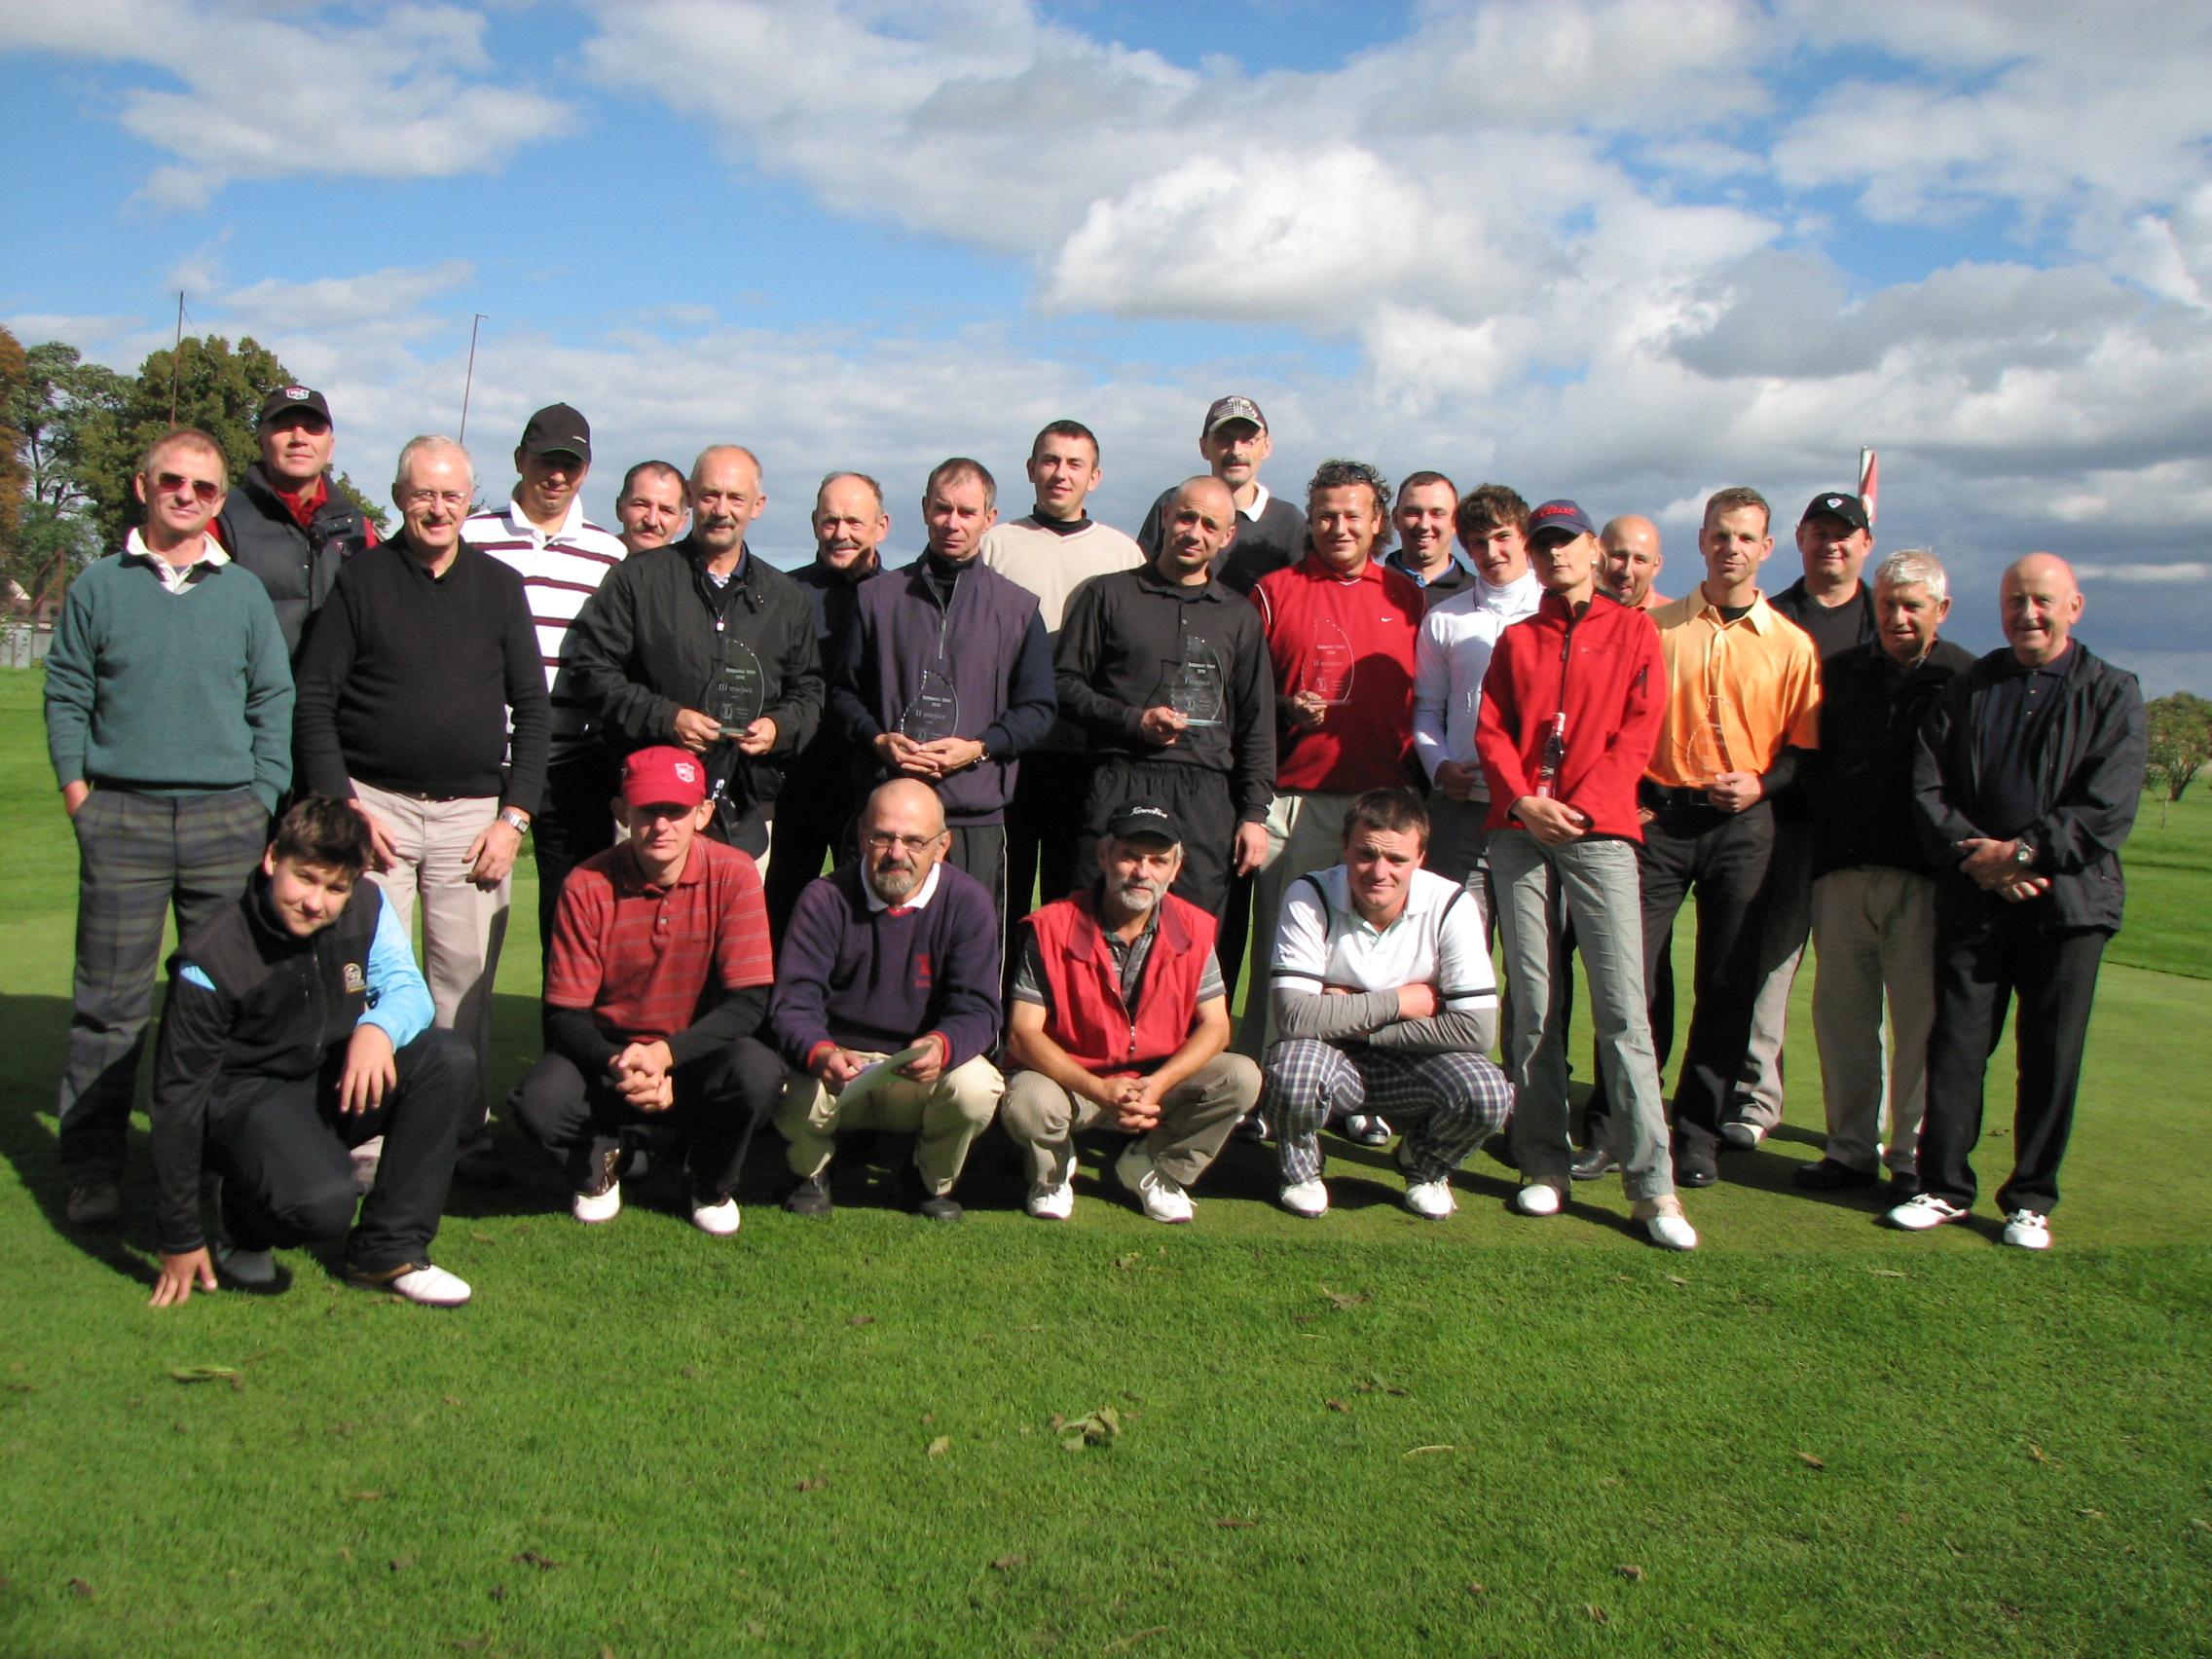 """<a href=""""http://golf-olszewka.pl/wp-content/uploads/2010/09/img_2219.jpg""""></a>Uczestnicy czwartej edycji Otwartych Mistrzostw Bydgoszczy w golfie"""